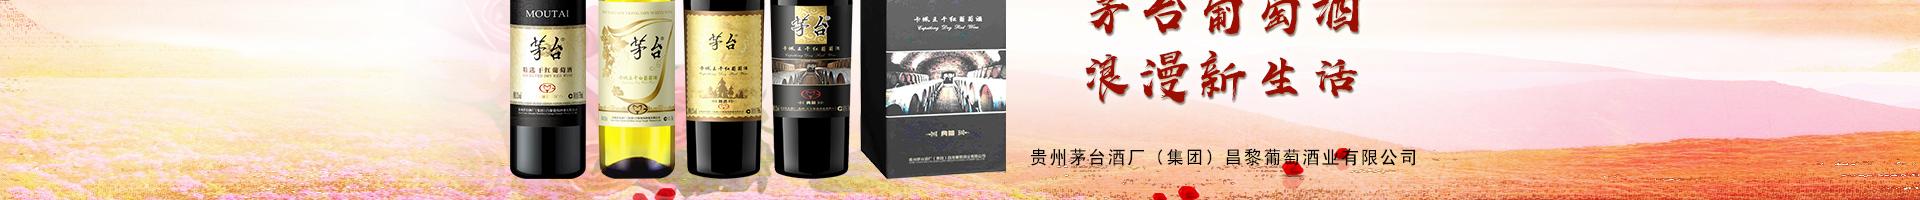 茅台葡萄酒卡佩王系列市场部